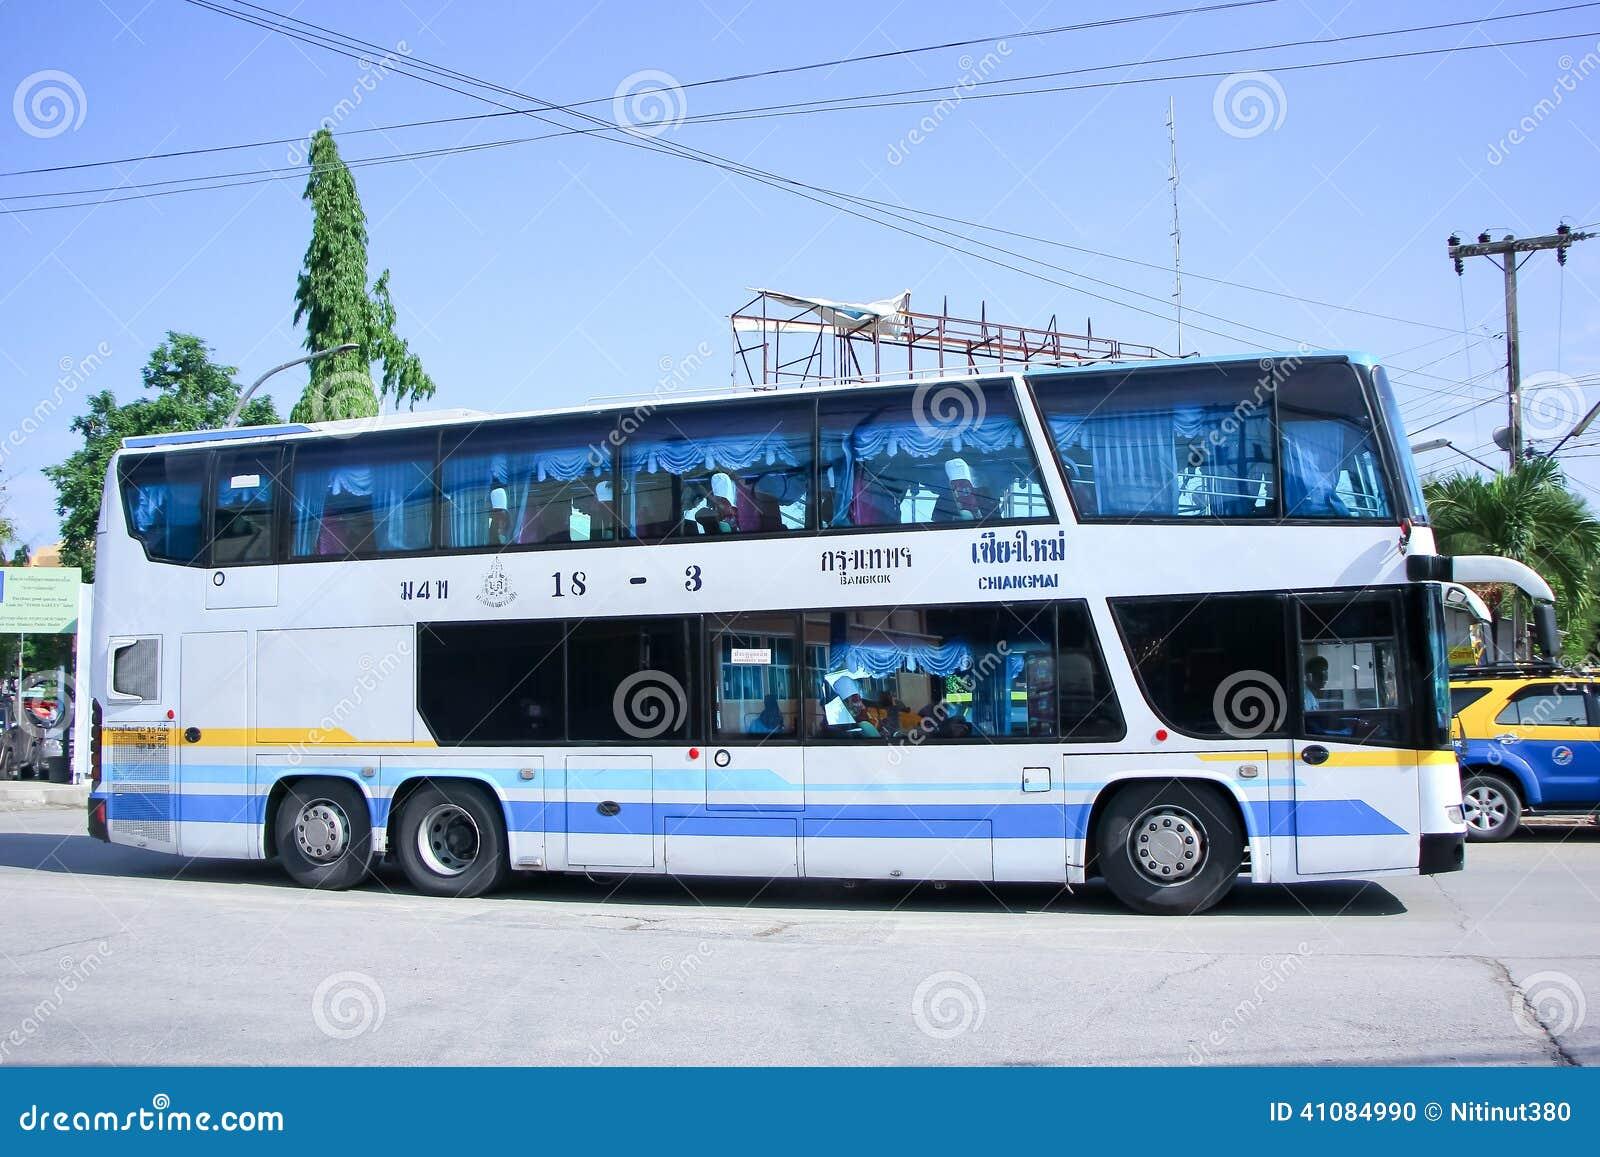 Volvo Bus Of Newviriya Yarnyon Tour